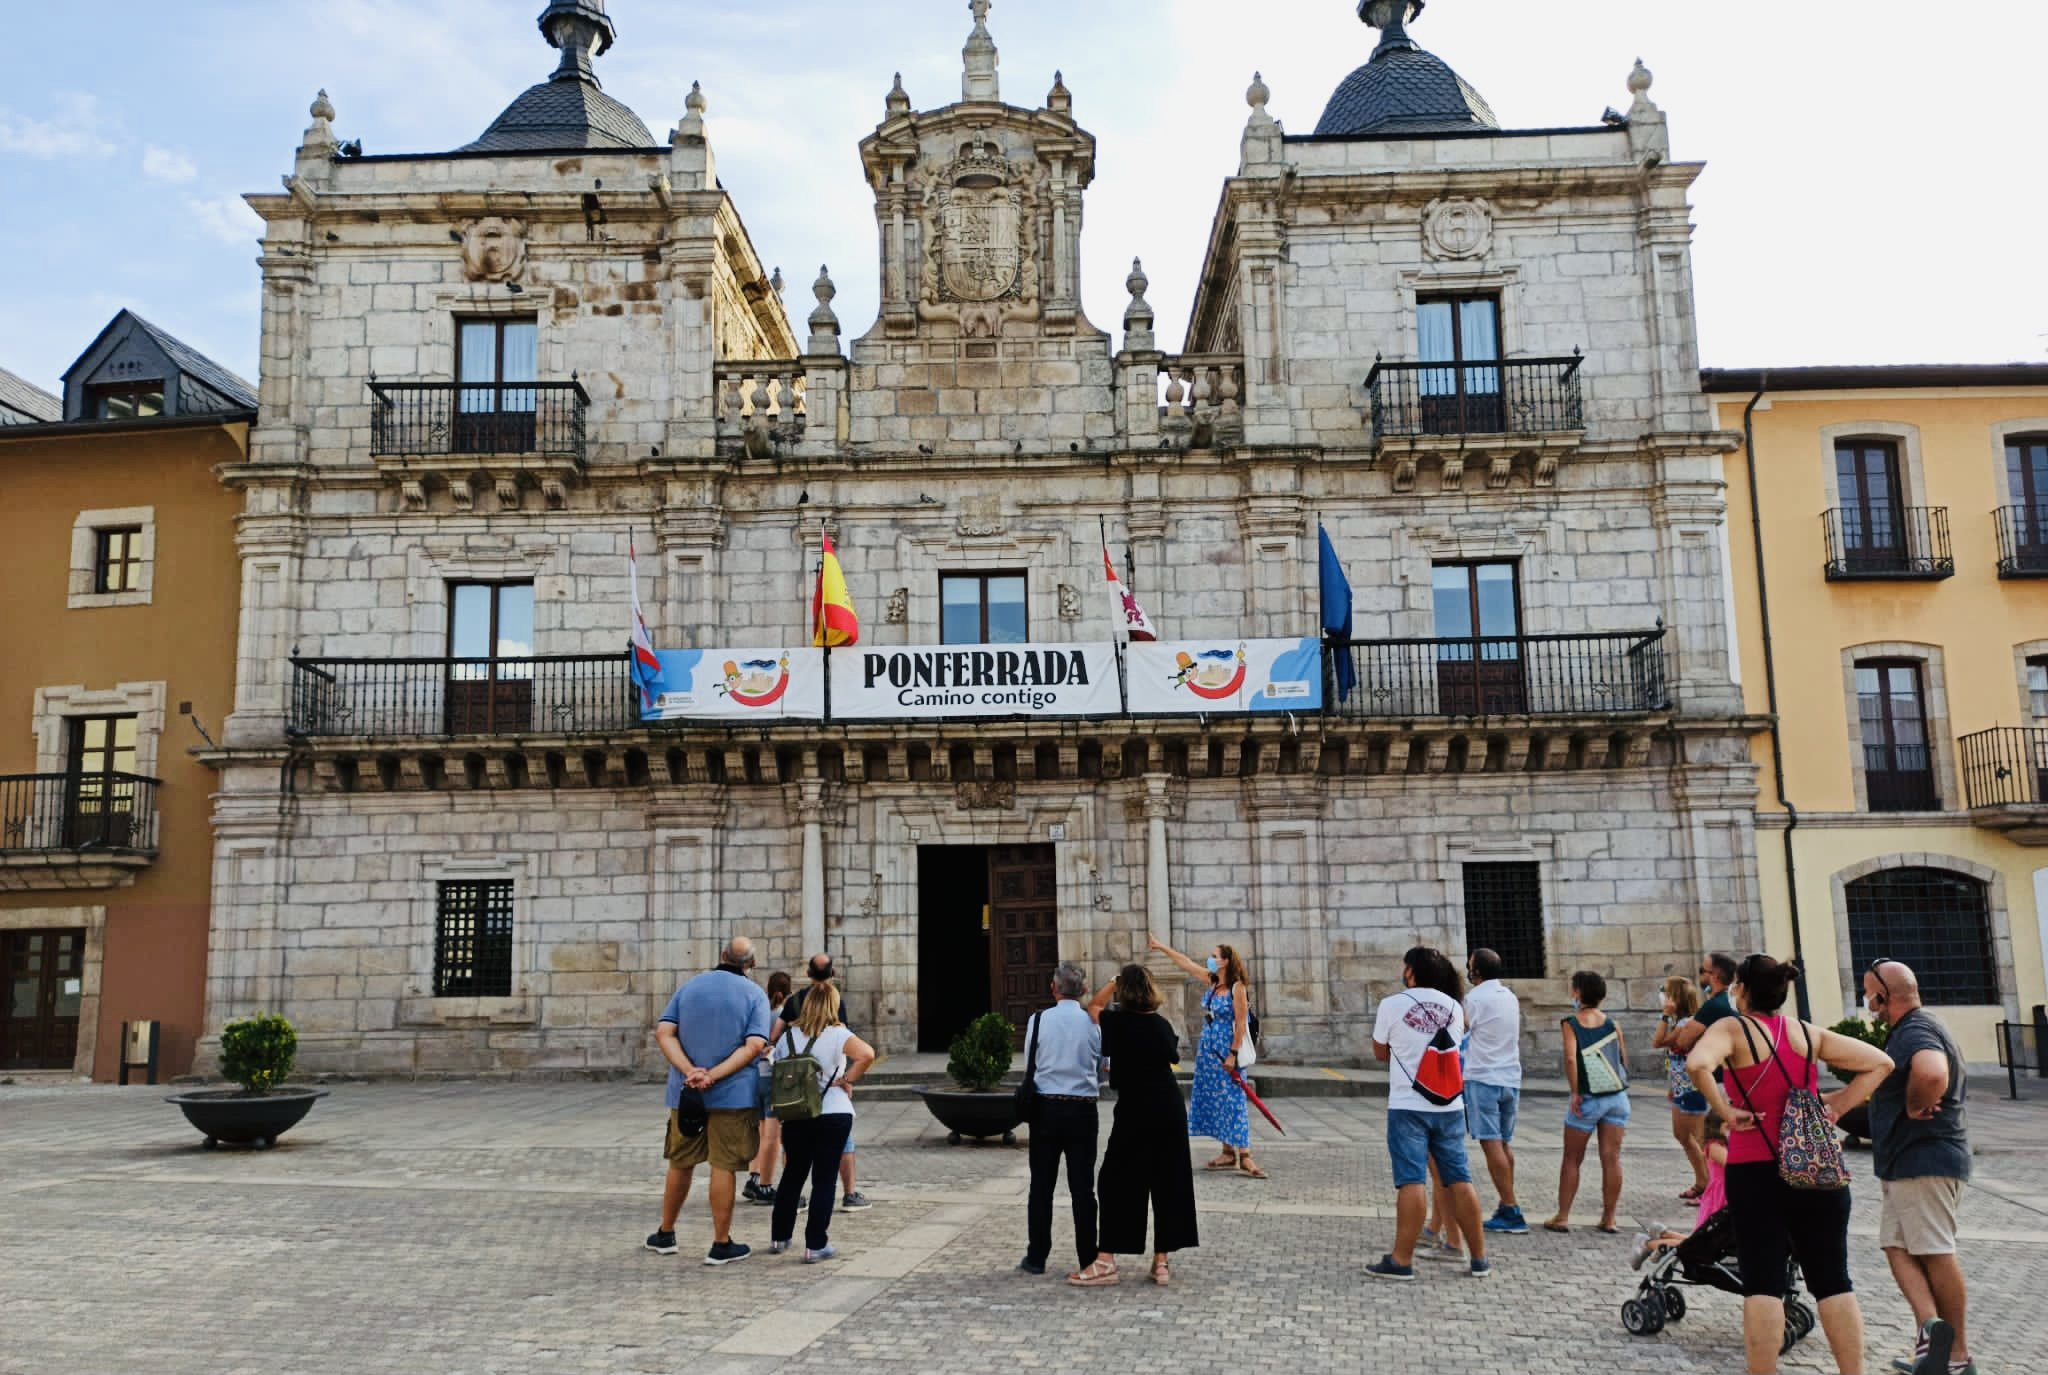 !Descubramos el mágico espíritu templario de los caballeros que llegaron a esta ciudad para protegerla en pleno Camino de Santiago!